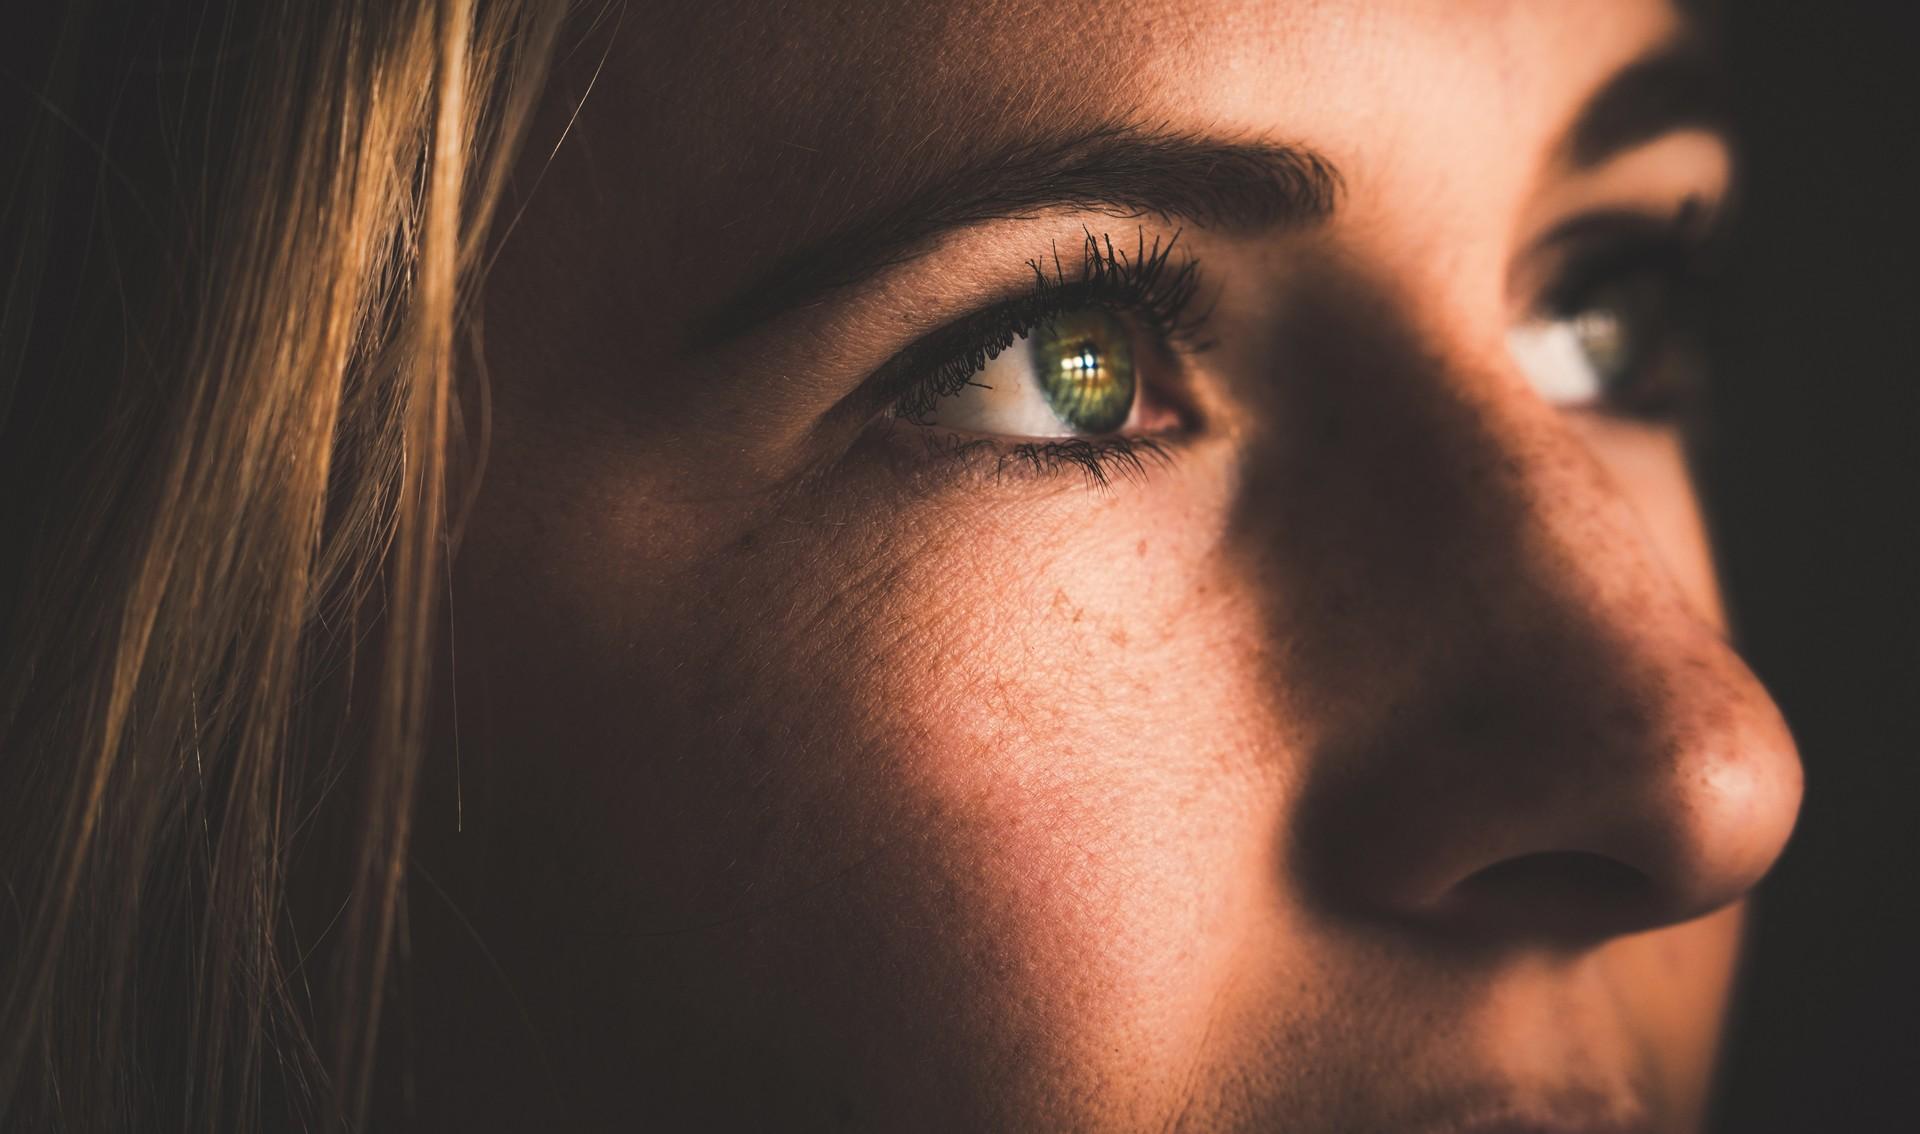 rzeżączka w oku